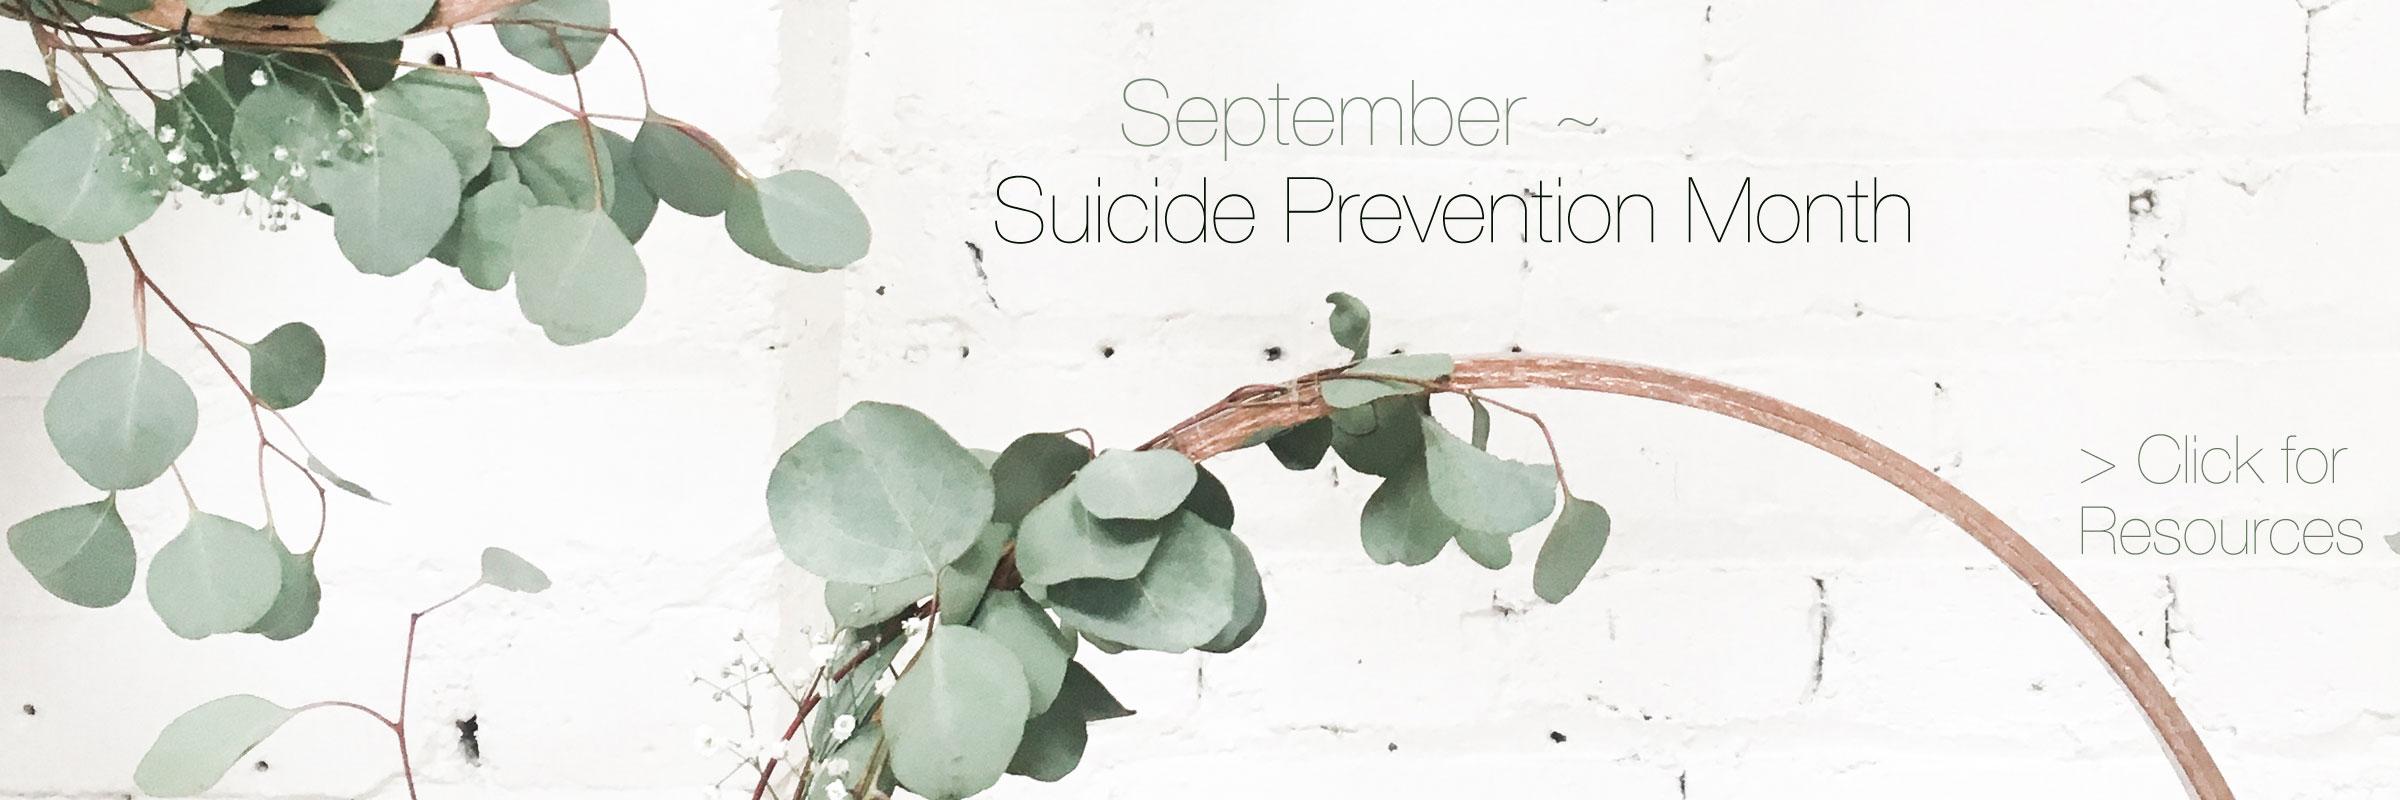 9-suicide